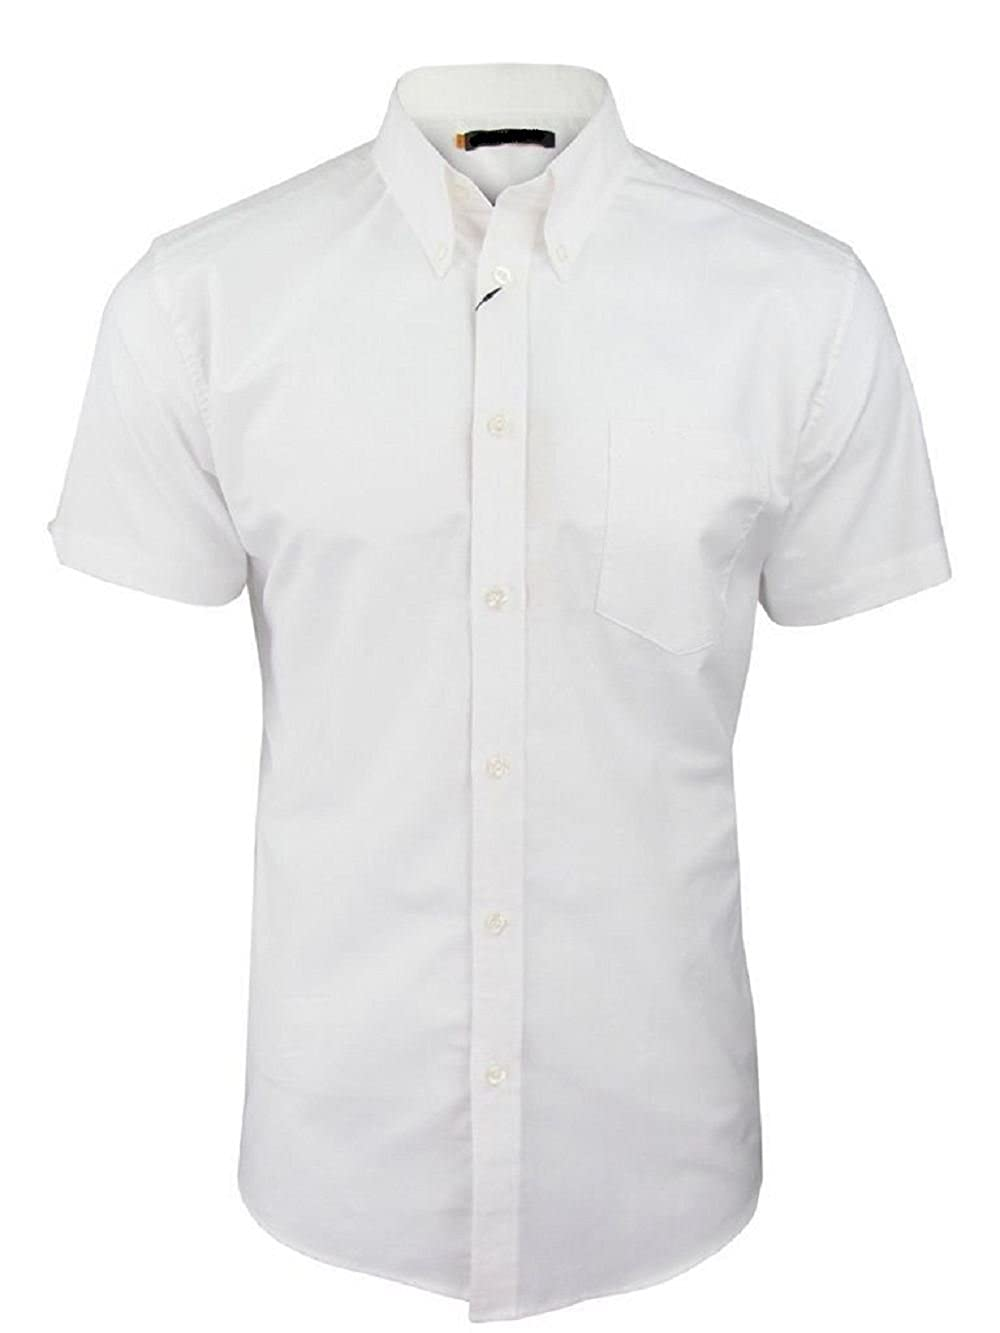 Grande taille Chemise /à manches courtes en coton pour homme Grandes tailles